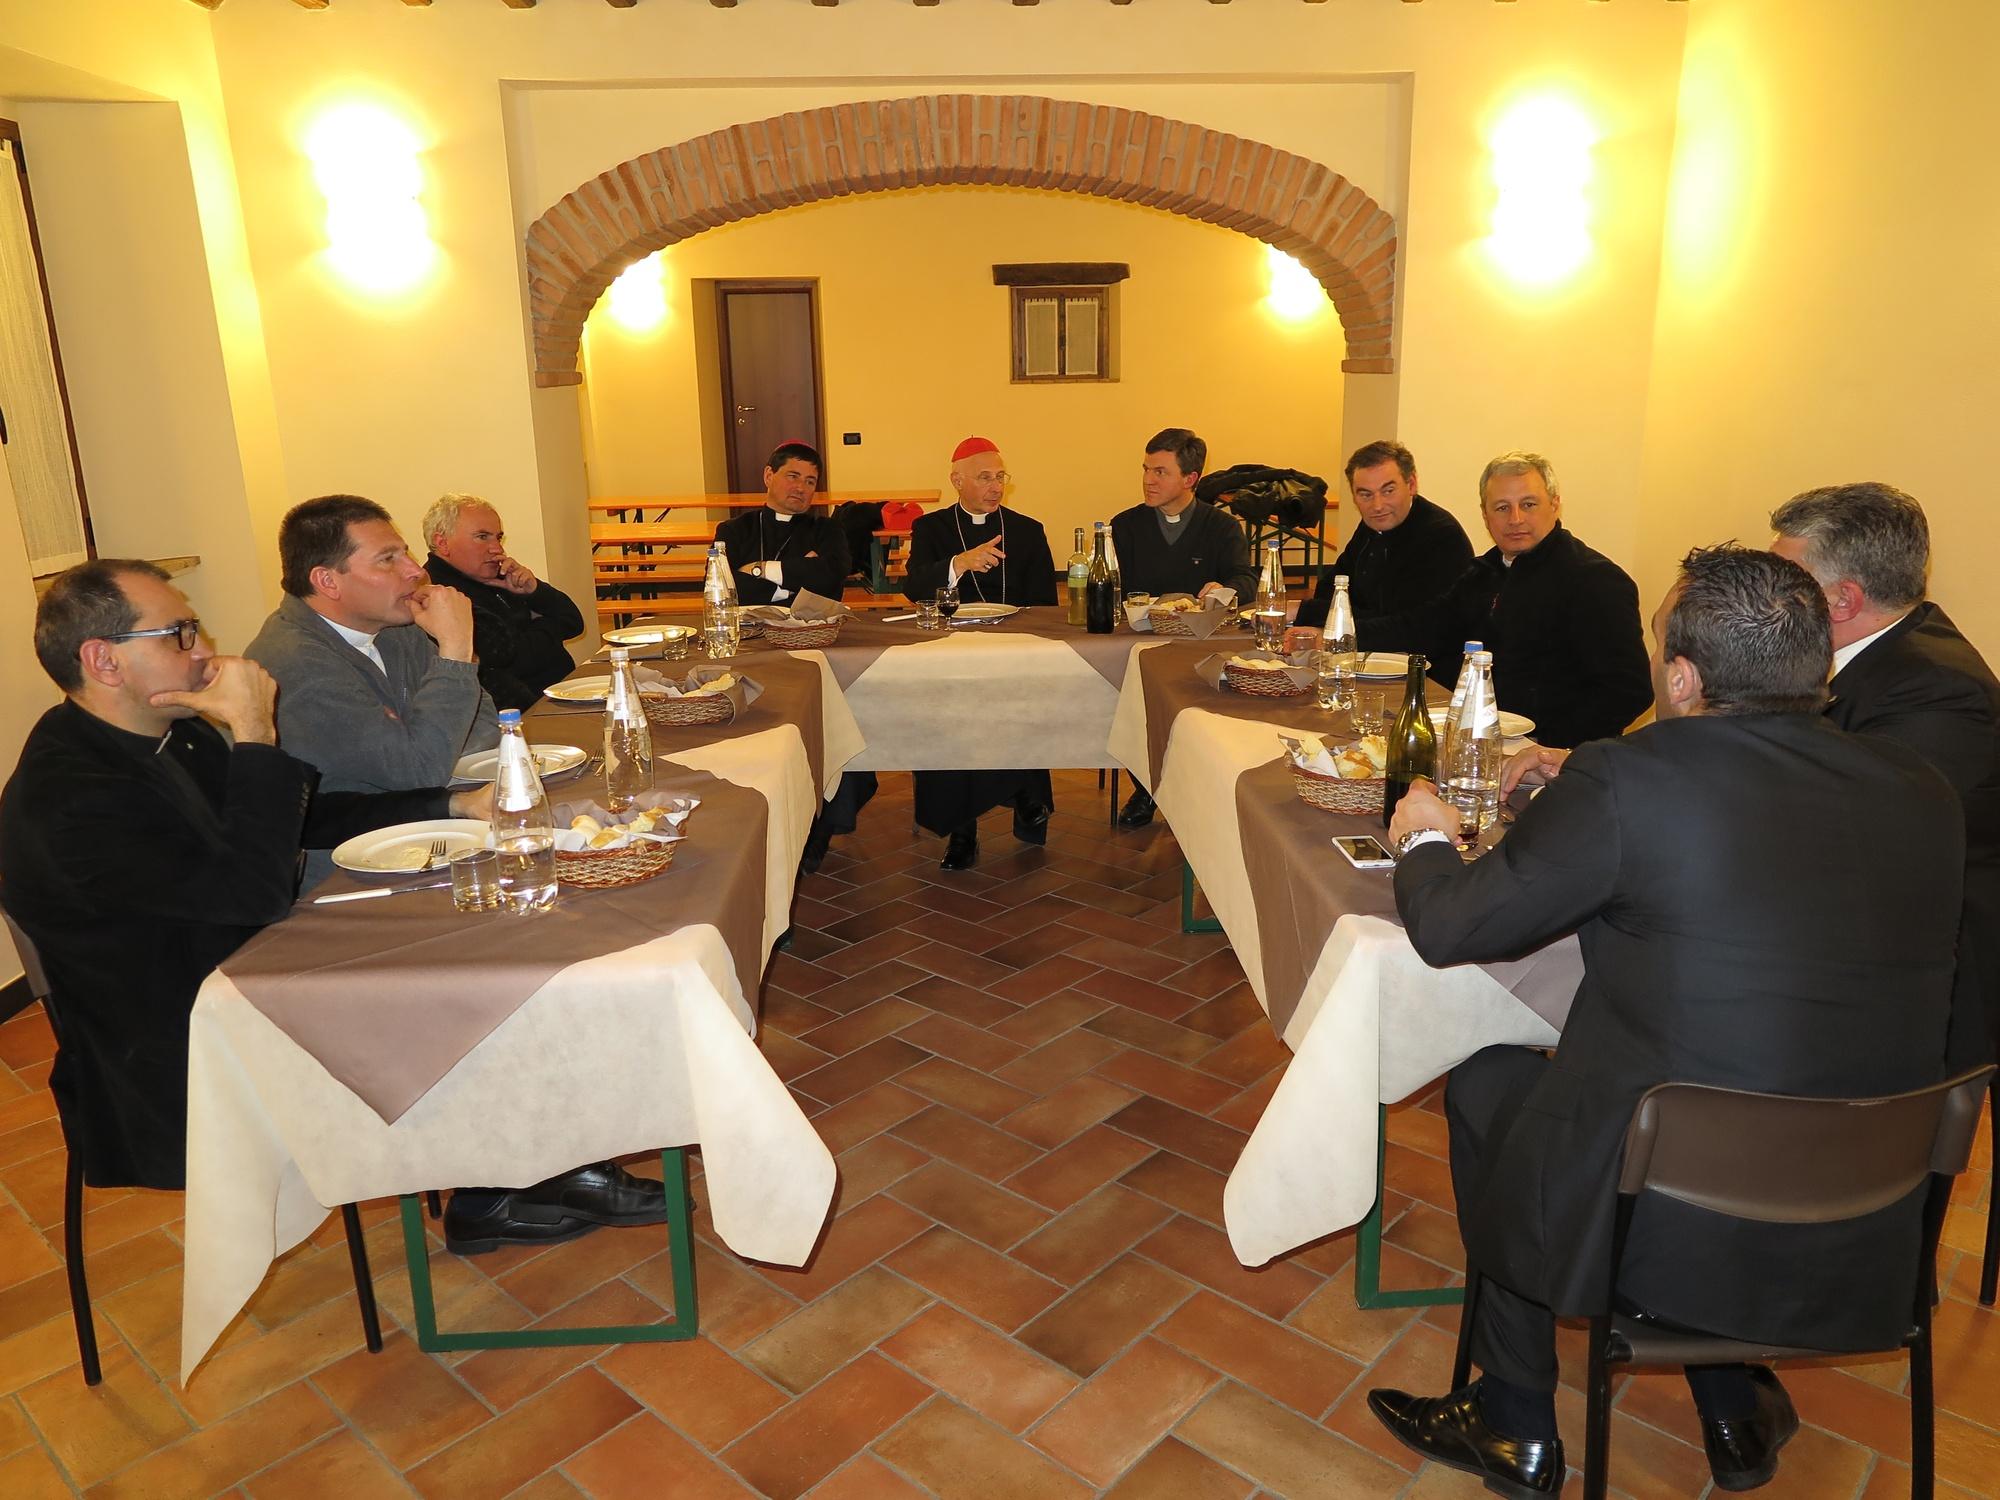 cena-classe-con-cardinale-a-ceranesi-2016-03-17-21-57-29